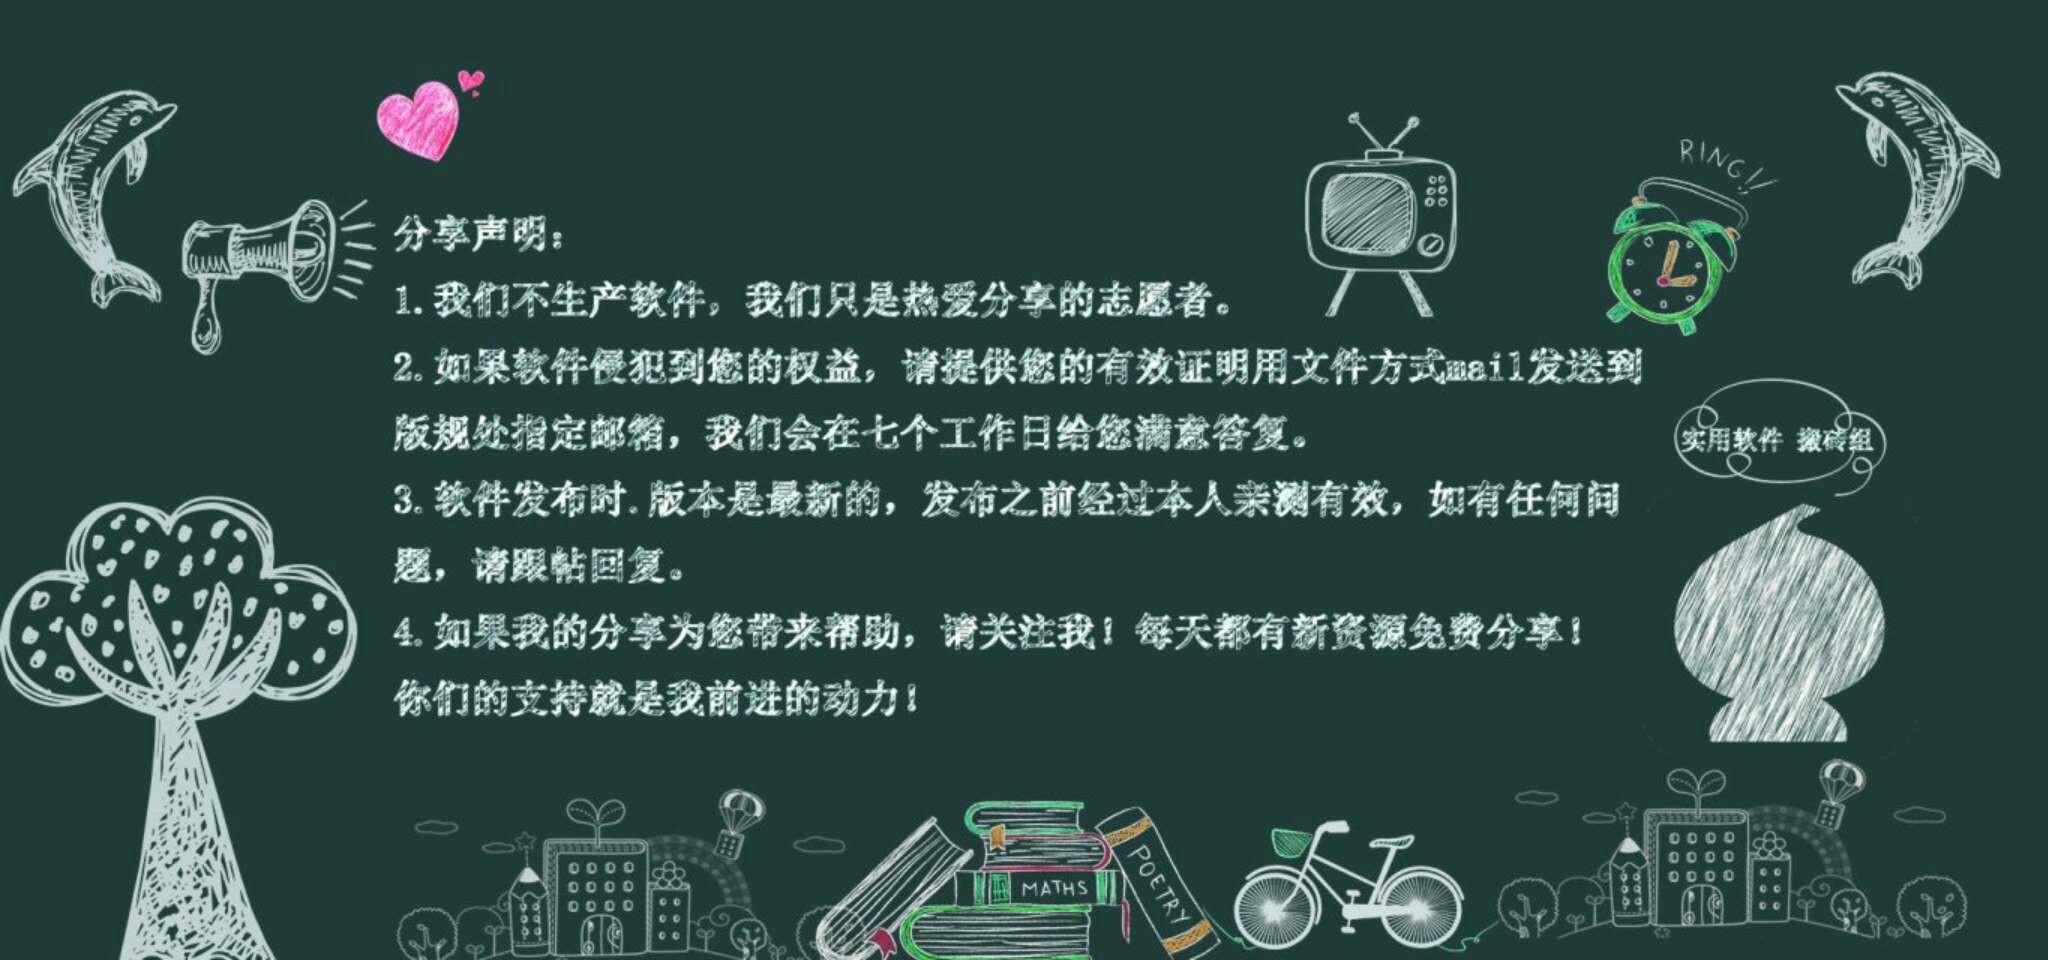 【资源分享】作家助手-爱小助